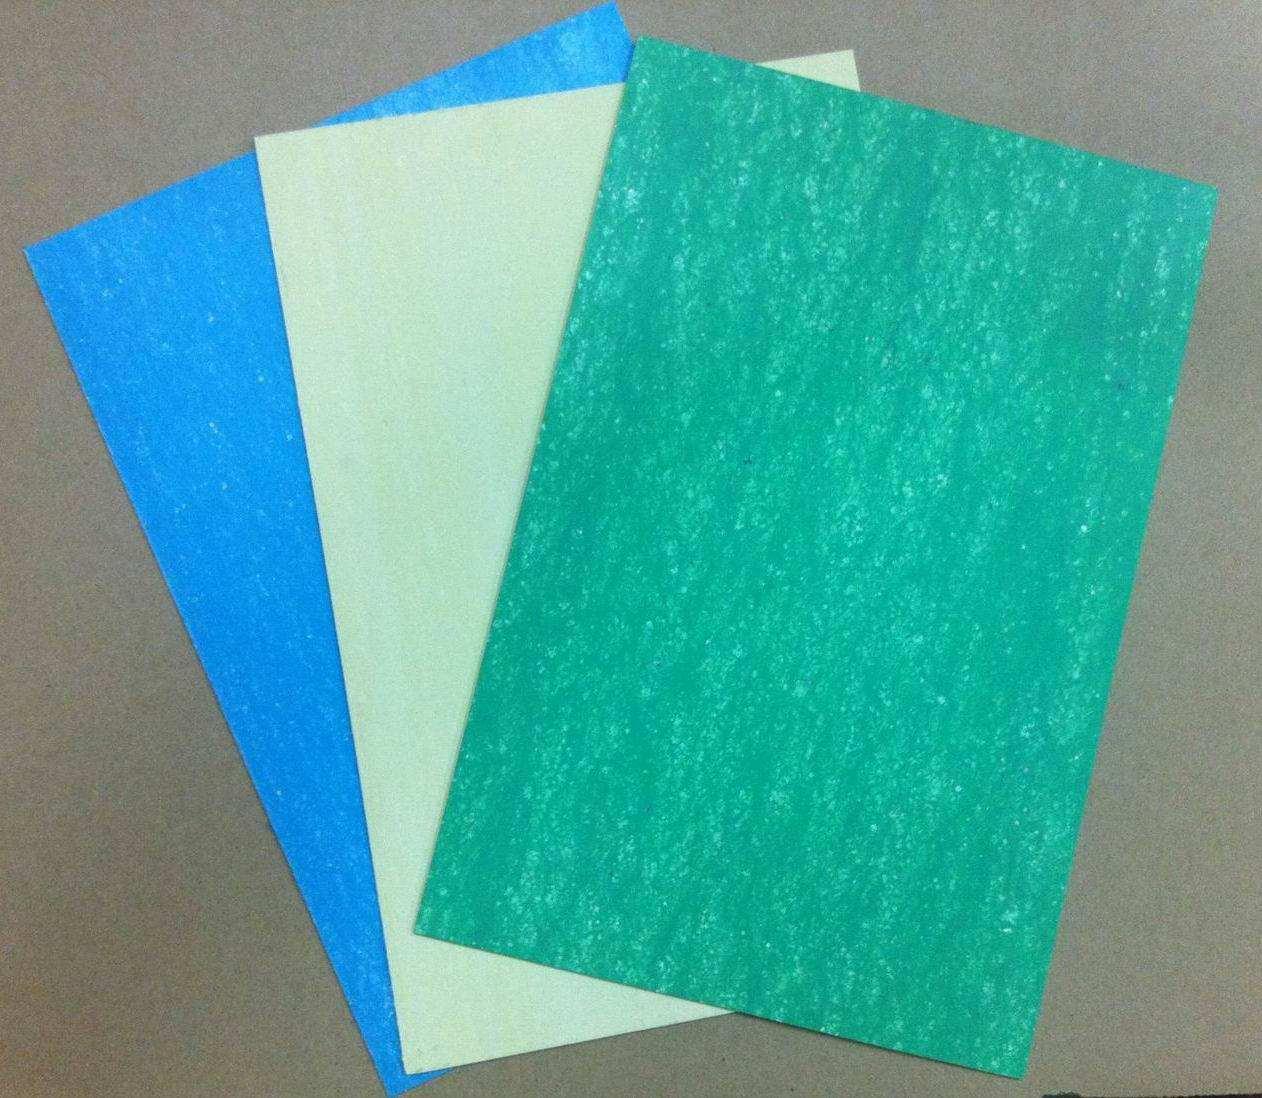 西安石棉板批发价格_石棉橡胶板供应商